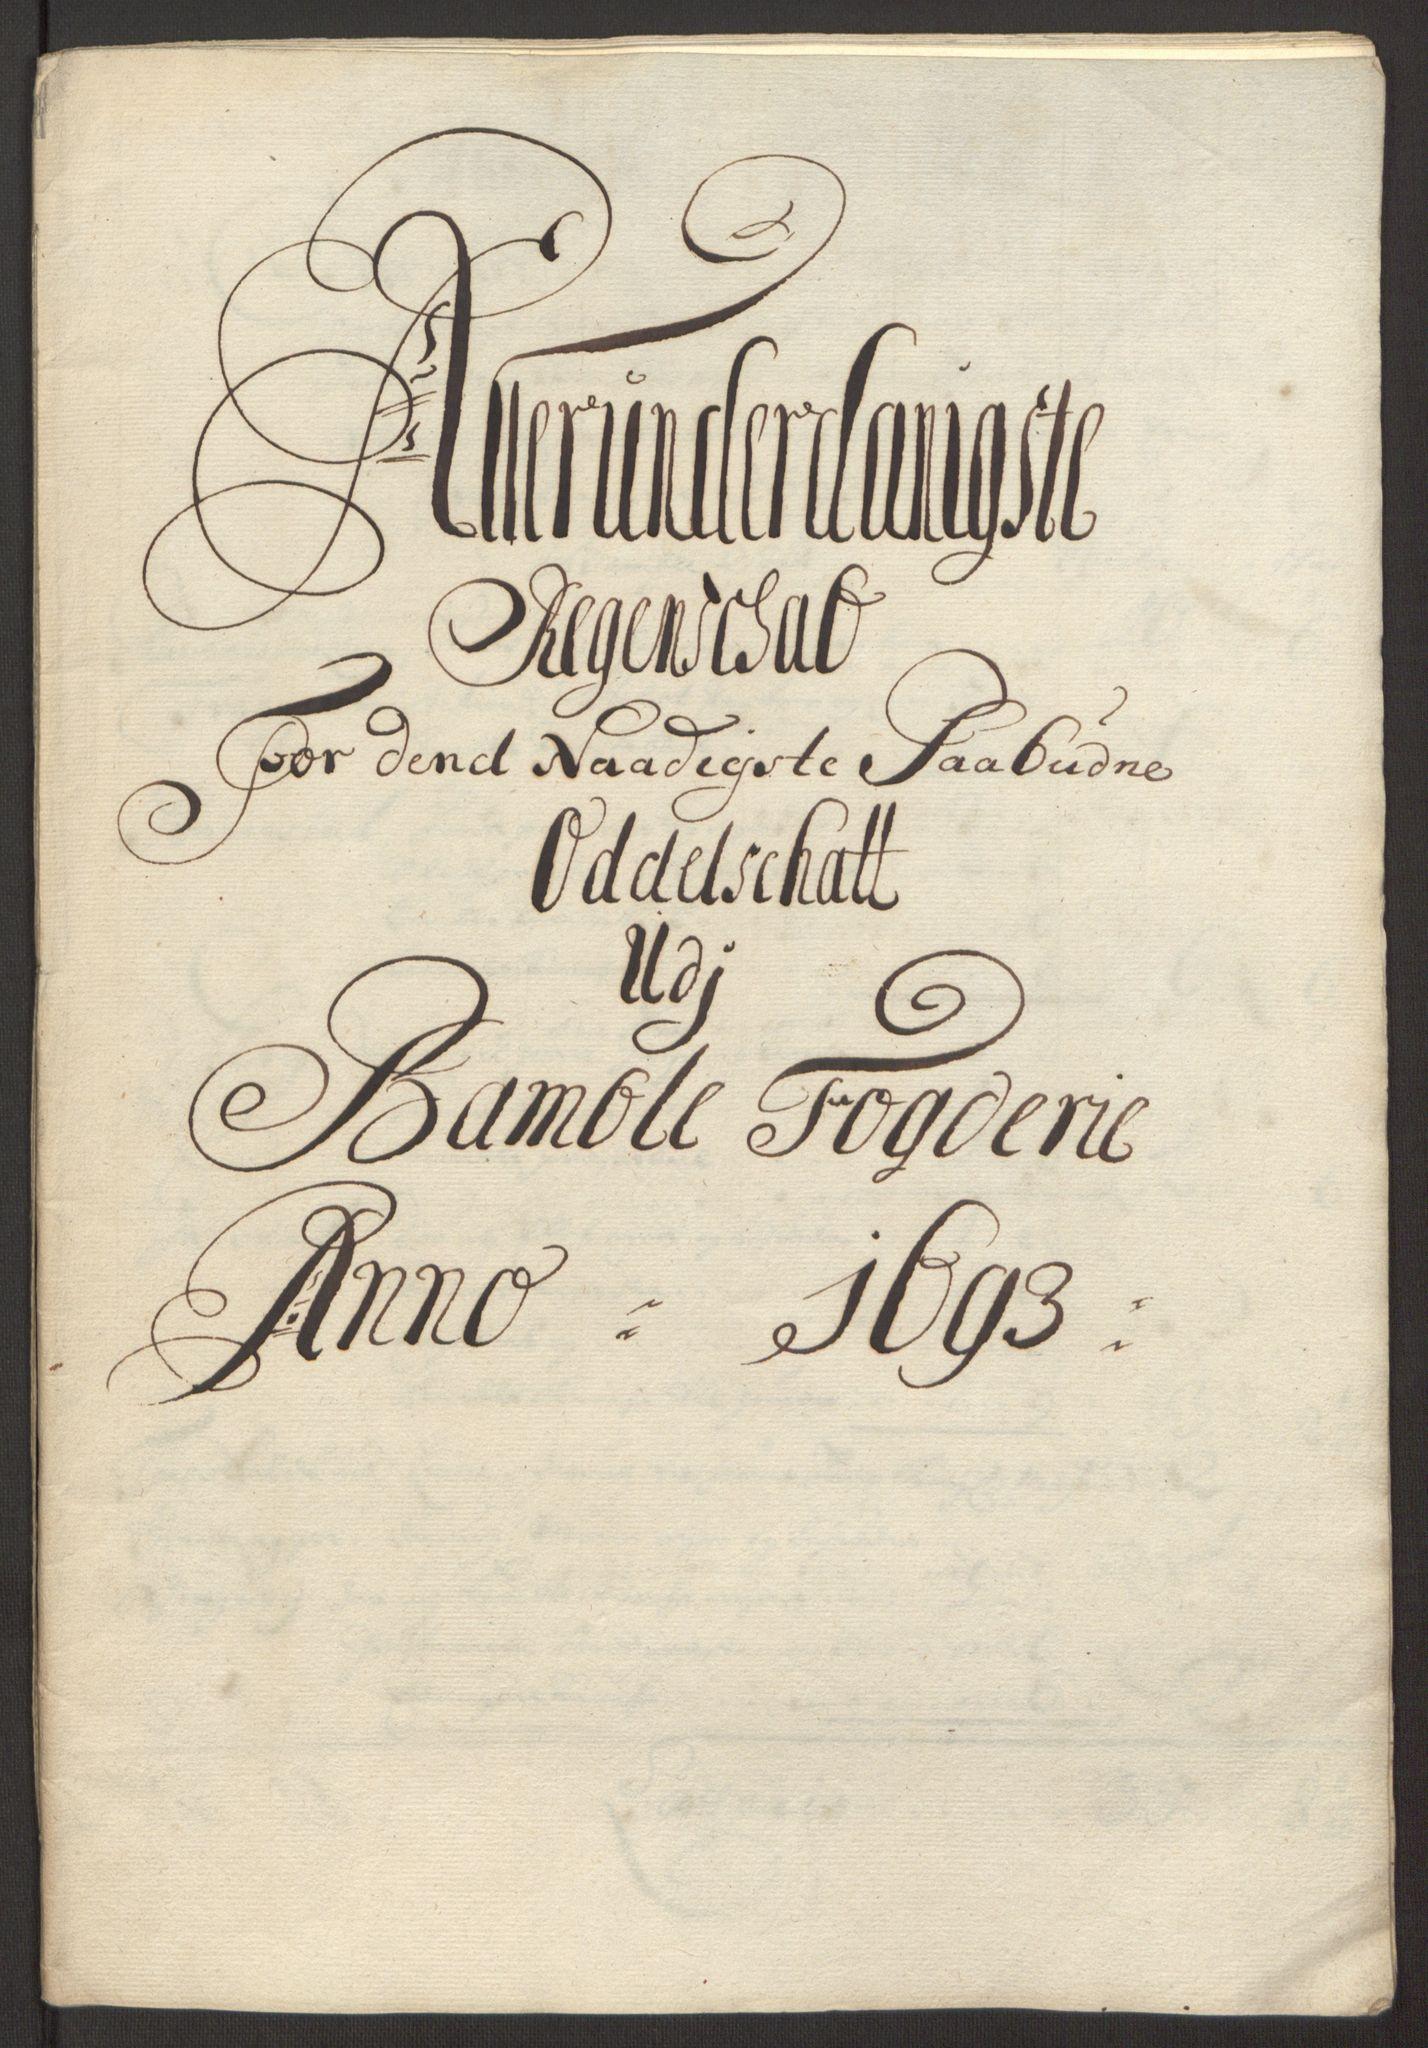 RA, Rentekammeret inntil 1814, Reviderte regnskaper, Fogderegnskap, R34/L2052: Fogderegnskap Bamble, 1692-1693, s. 325